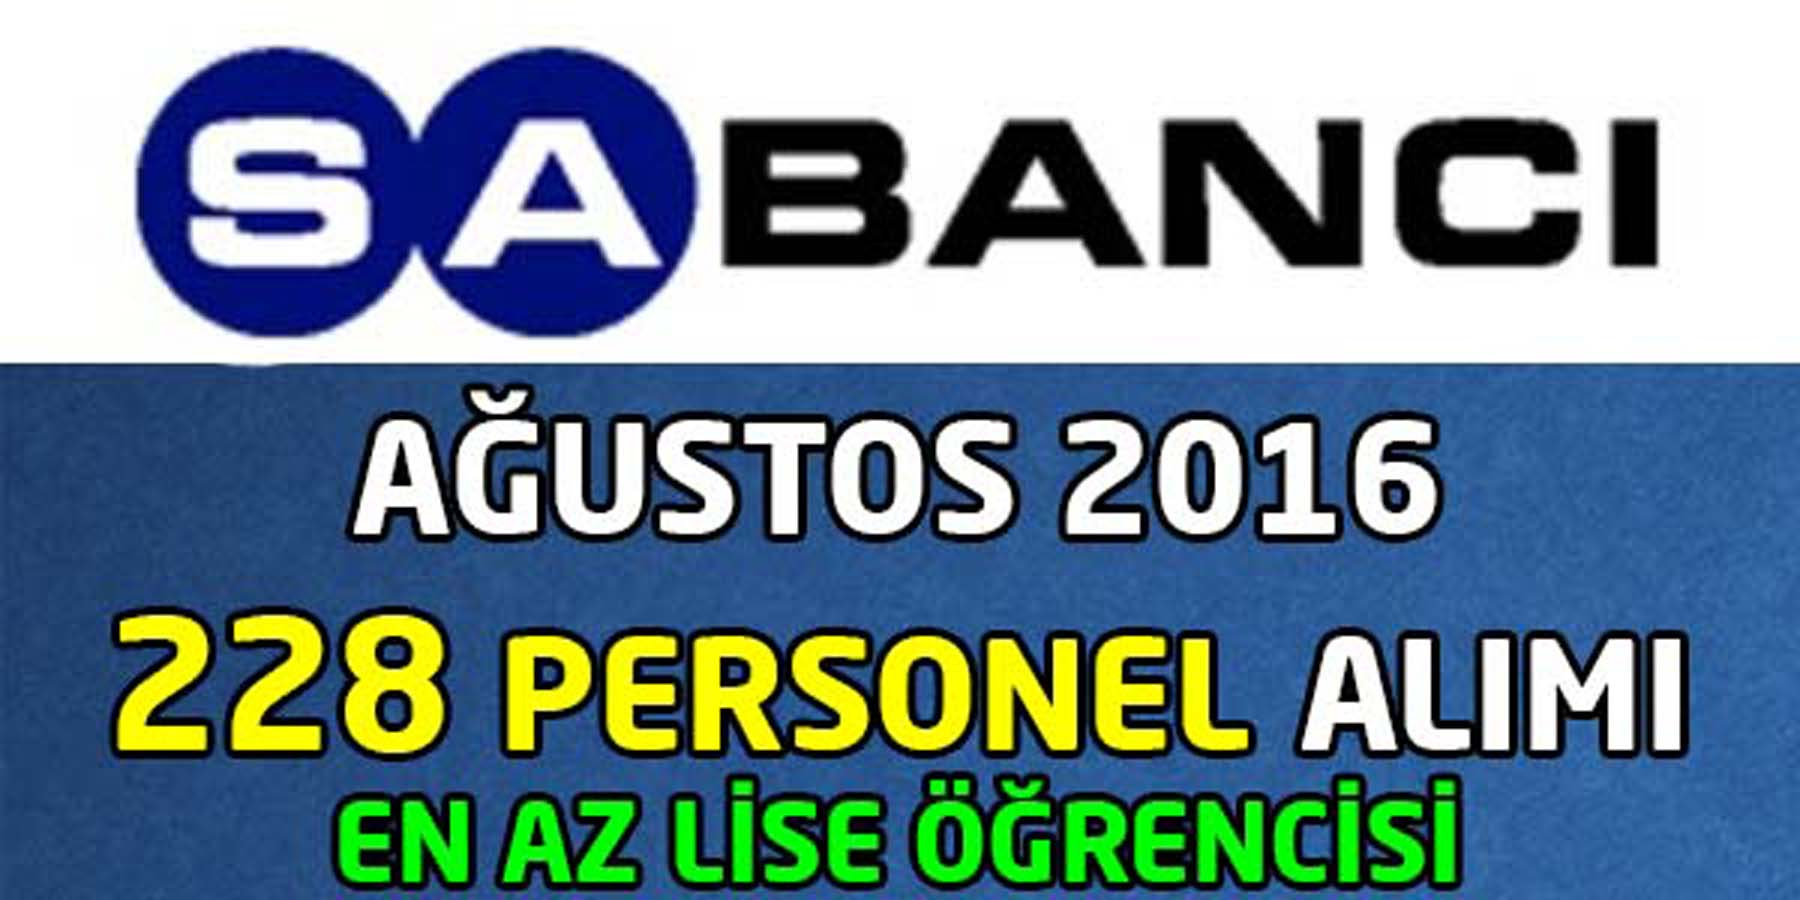 Sabancı Holding Ağustos 2016 Personel Alımı